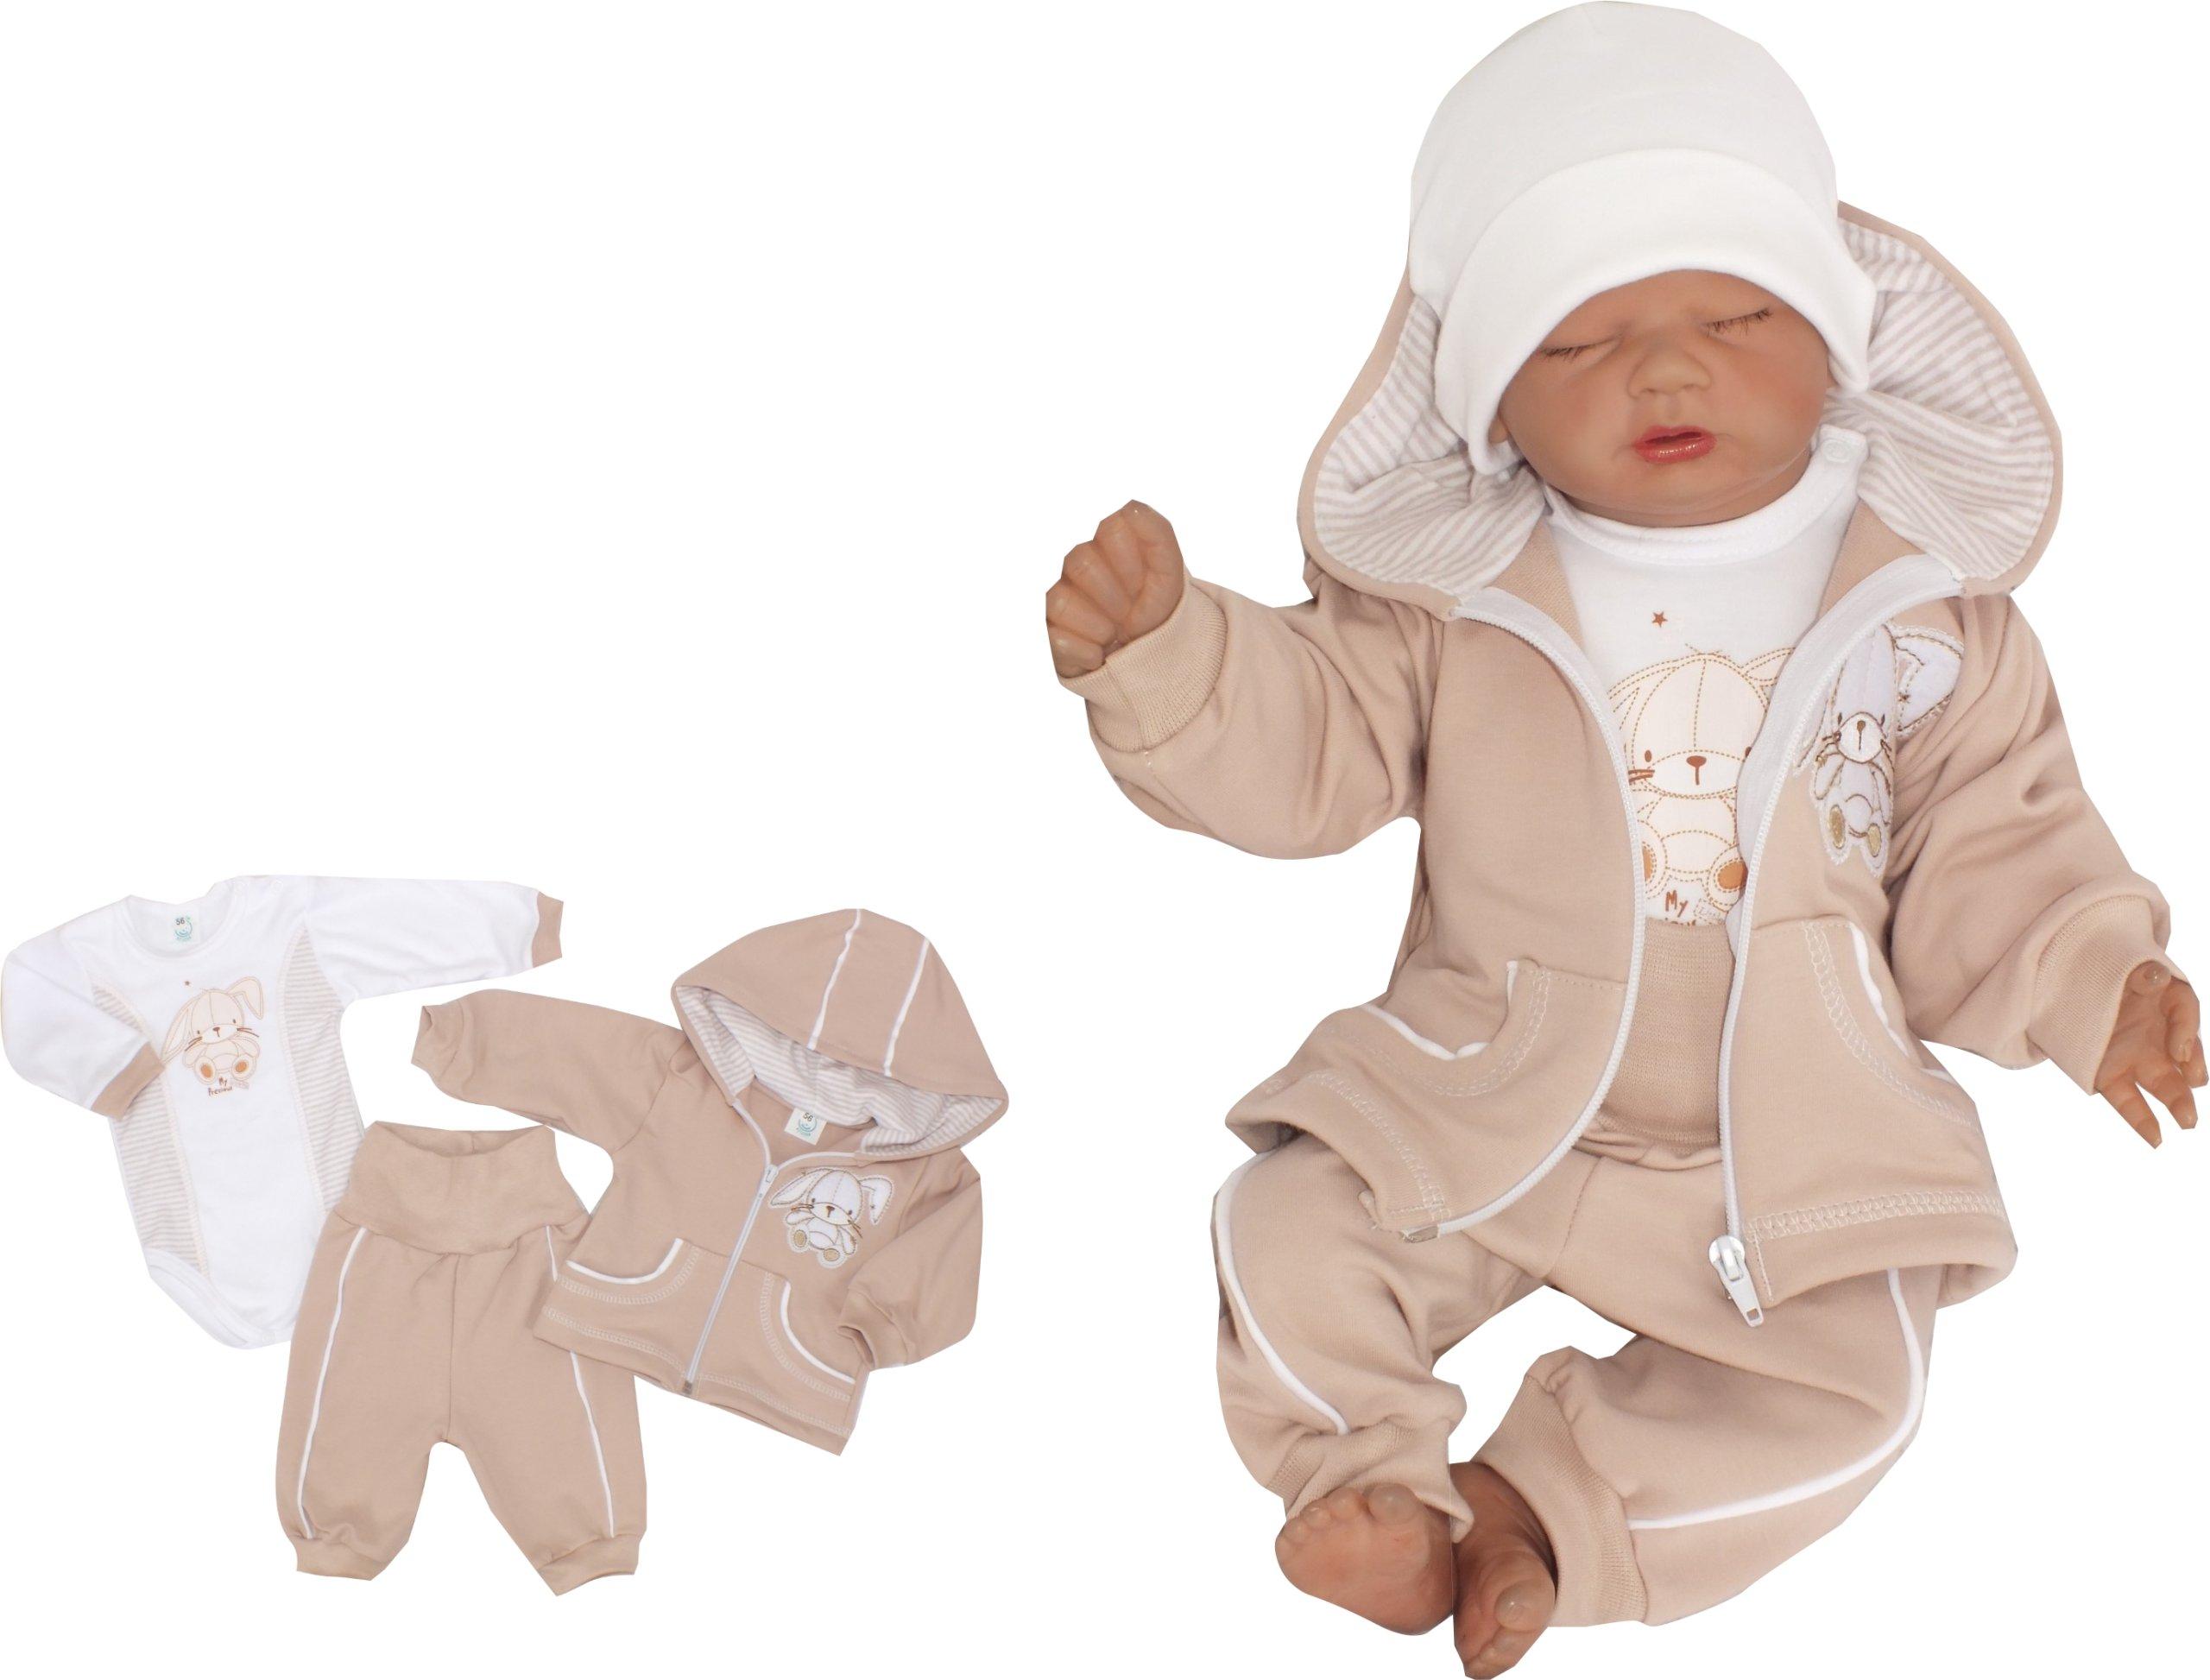 Bavlna dieťa nastaviť dresik 3- § 86